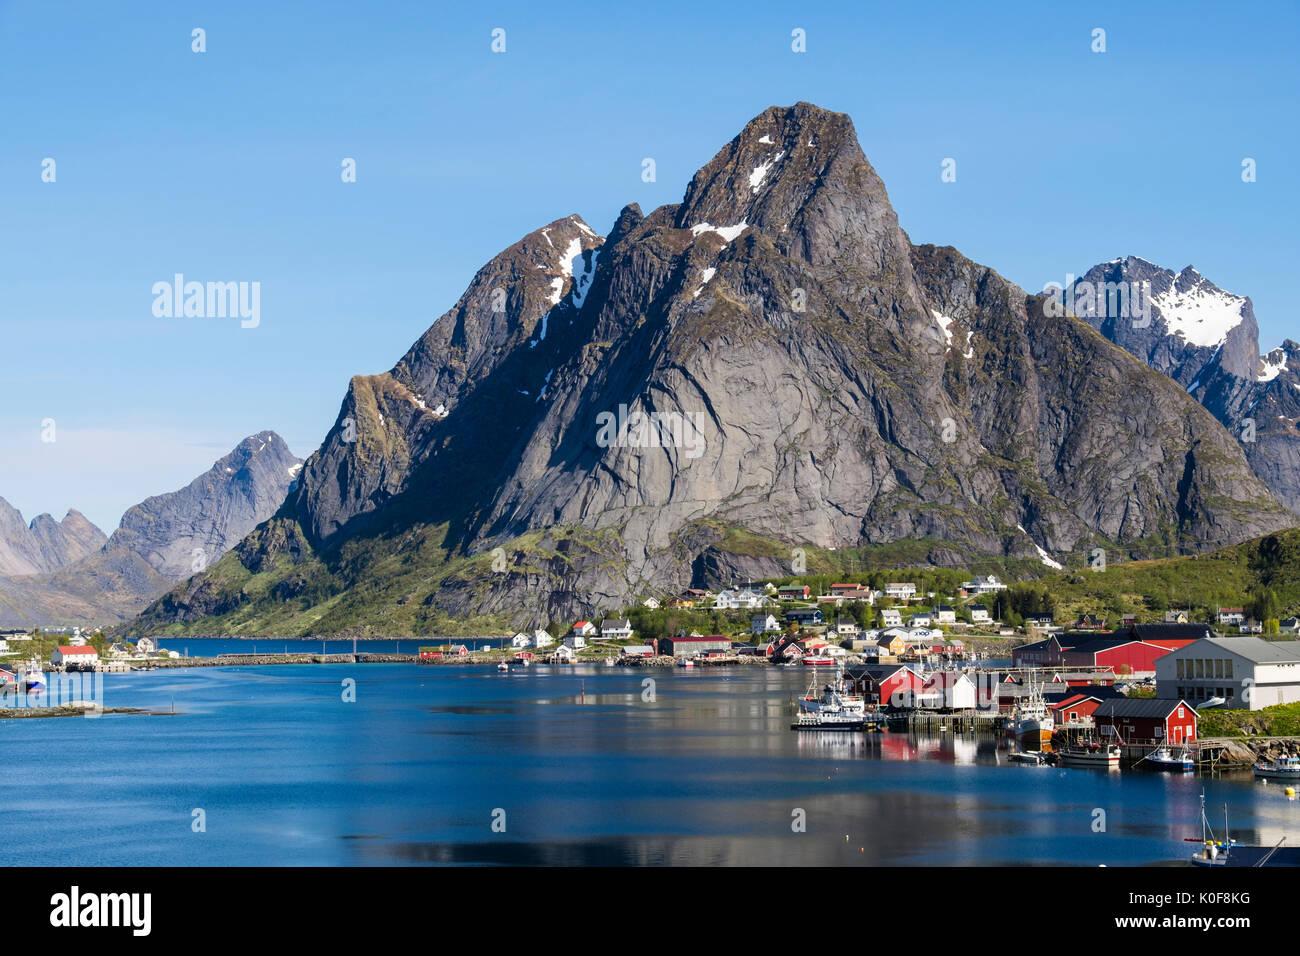 Blick über die natürliche Fischerhafen zu hoch aufragenden Bergen über Reine, Moskenes, Insel Moskenesøya, Lofoten, Norwegen Stockbild